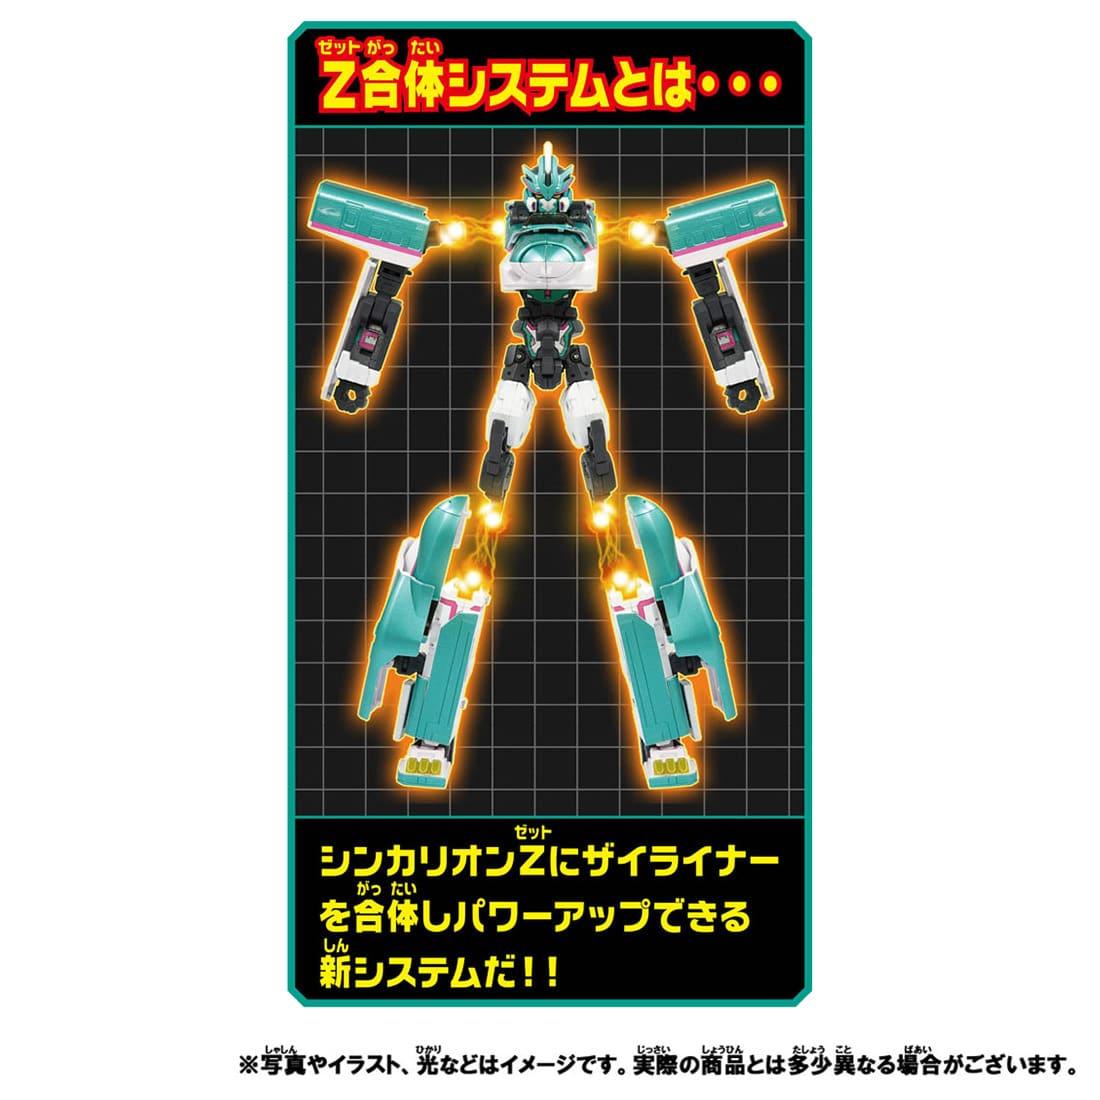 新幹線変形ロボ シンカリオンZ『シンカリオンZ E5ヤマノテセット』可変合体プラレール-003